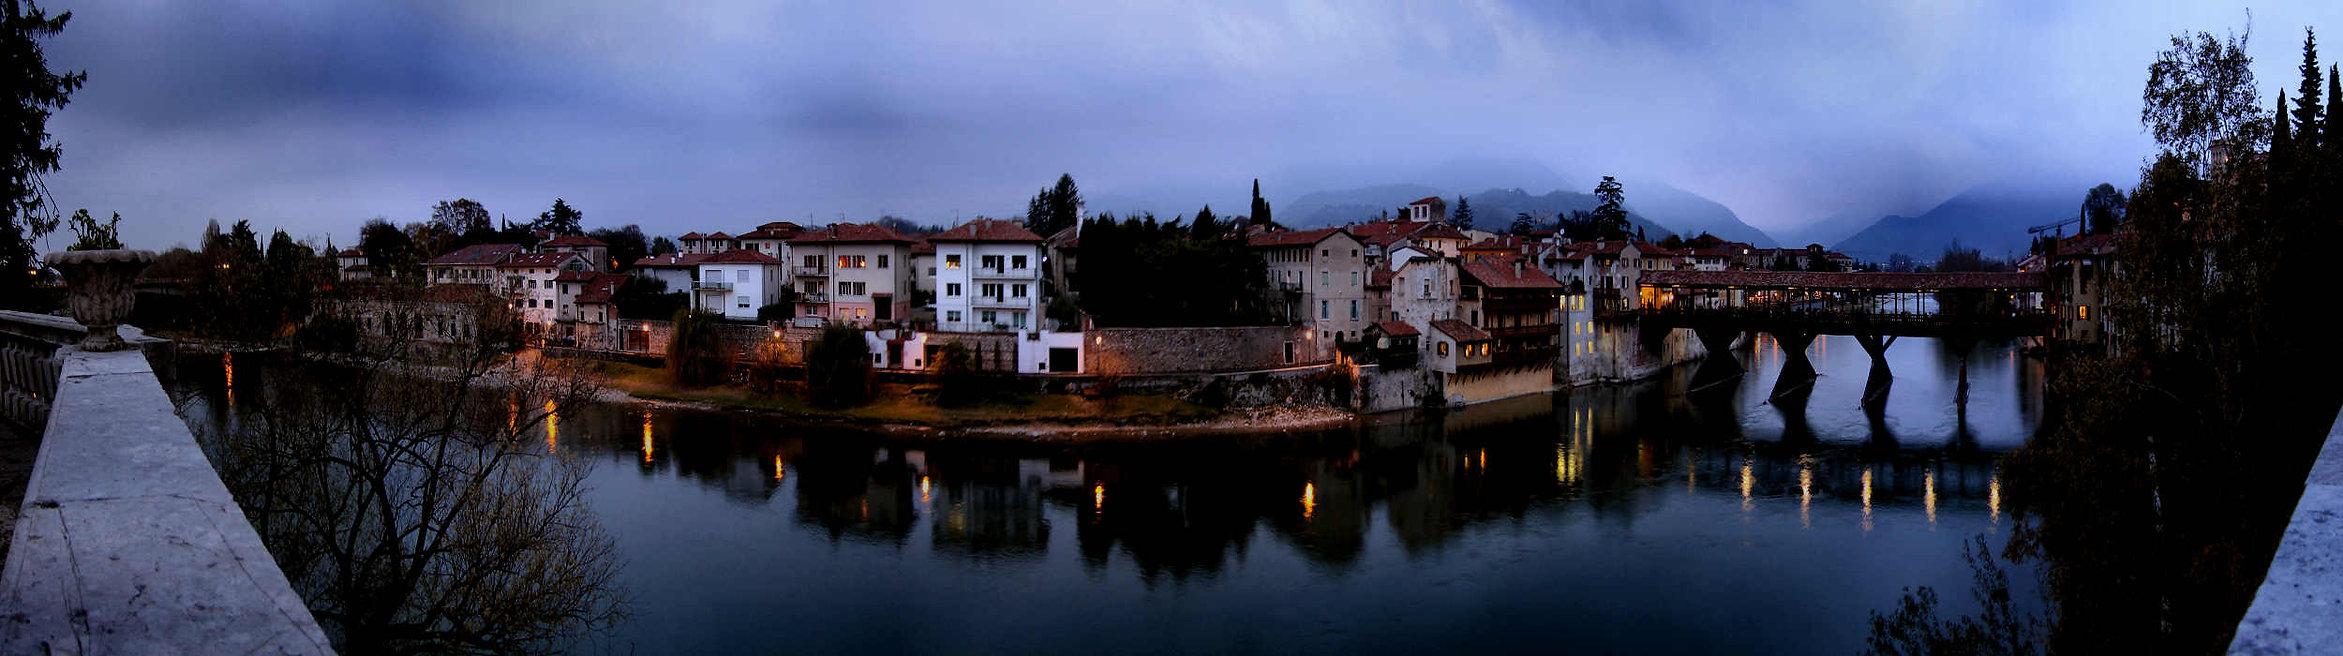 Bassano-del-Grappa-P01.jpg